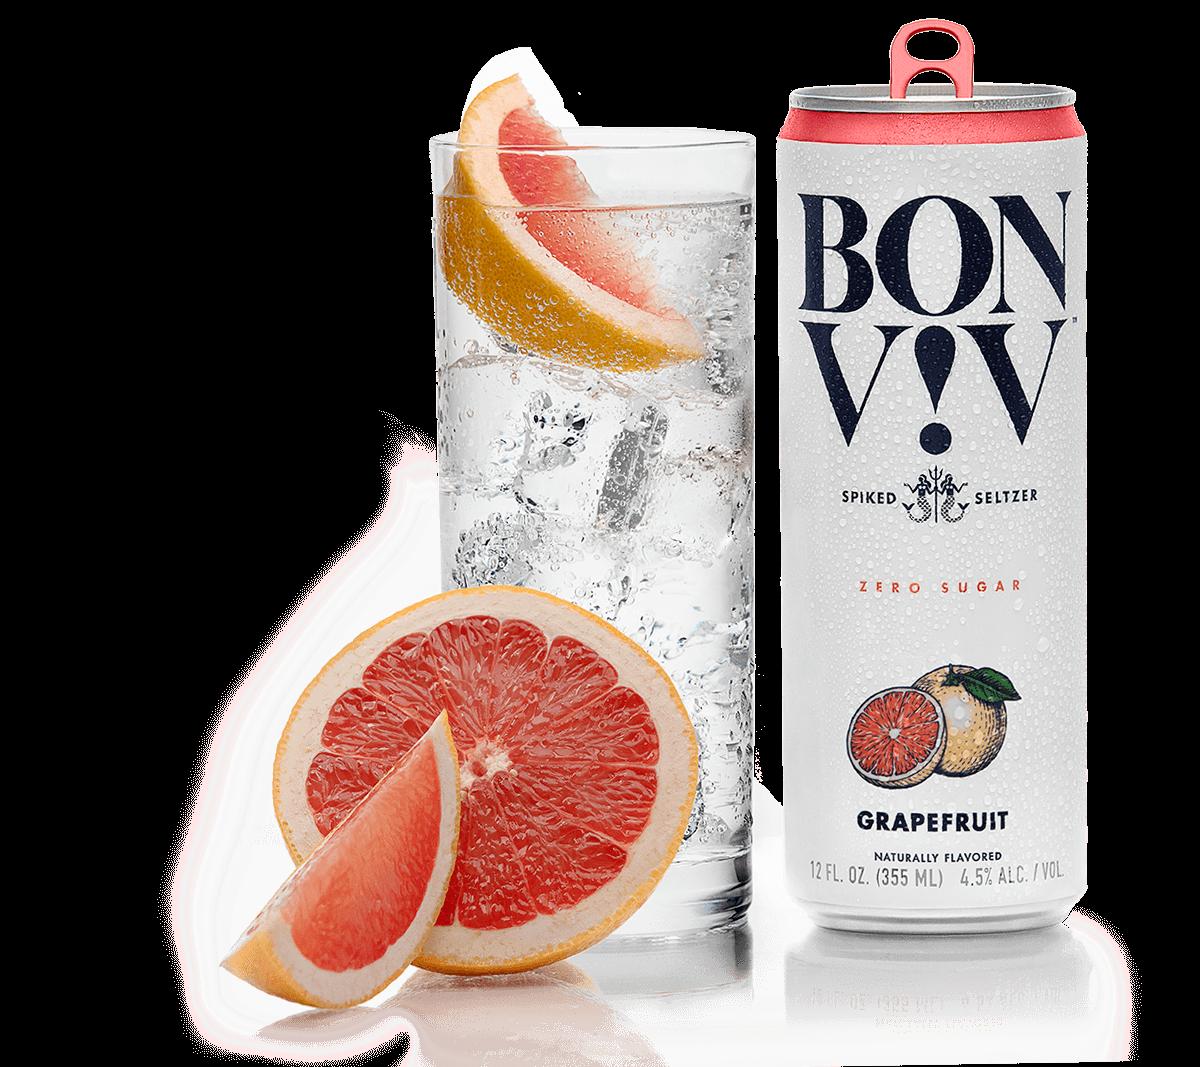 Bon & Viv Spiked Seltzer Grapegruit ABV 4.5% 6 Pack